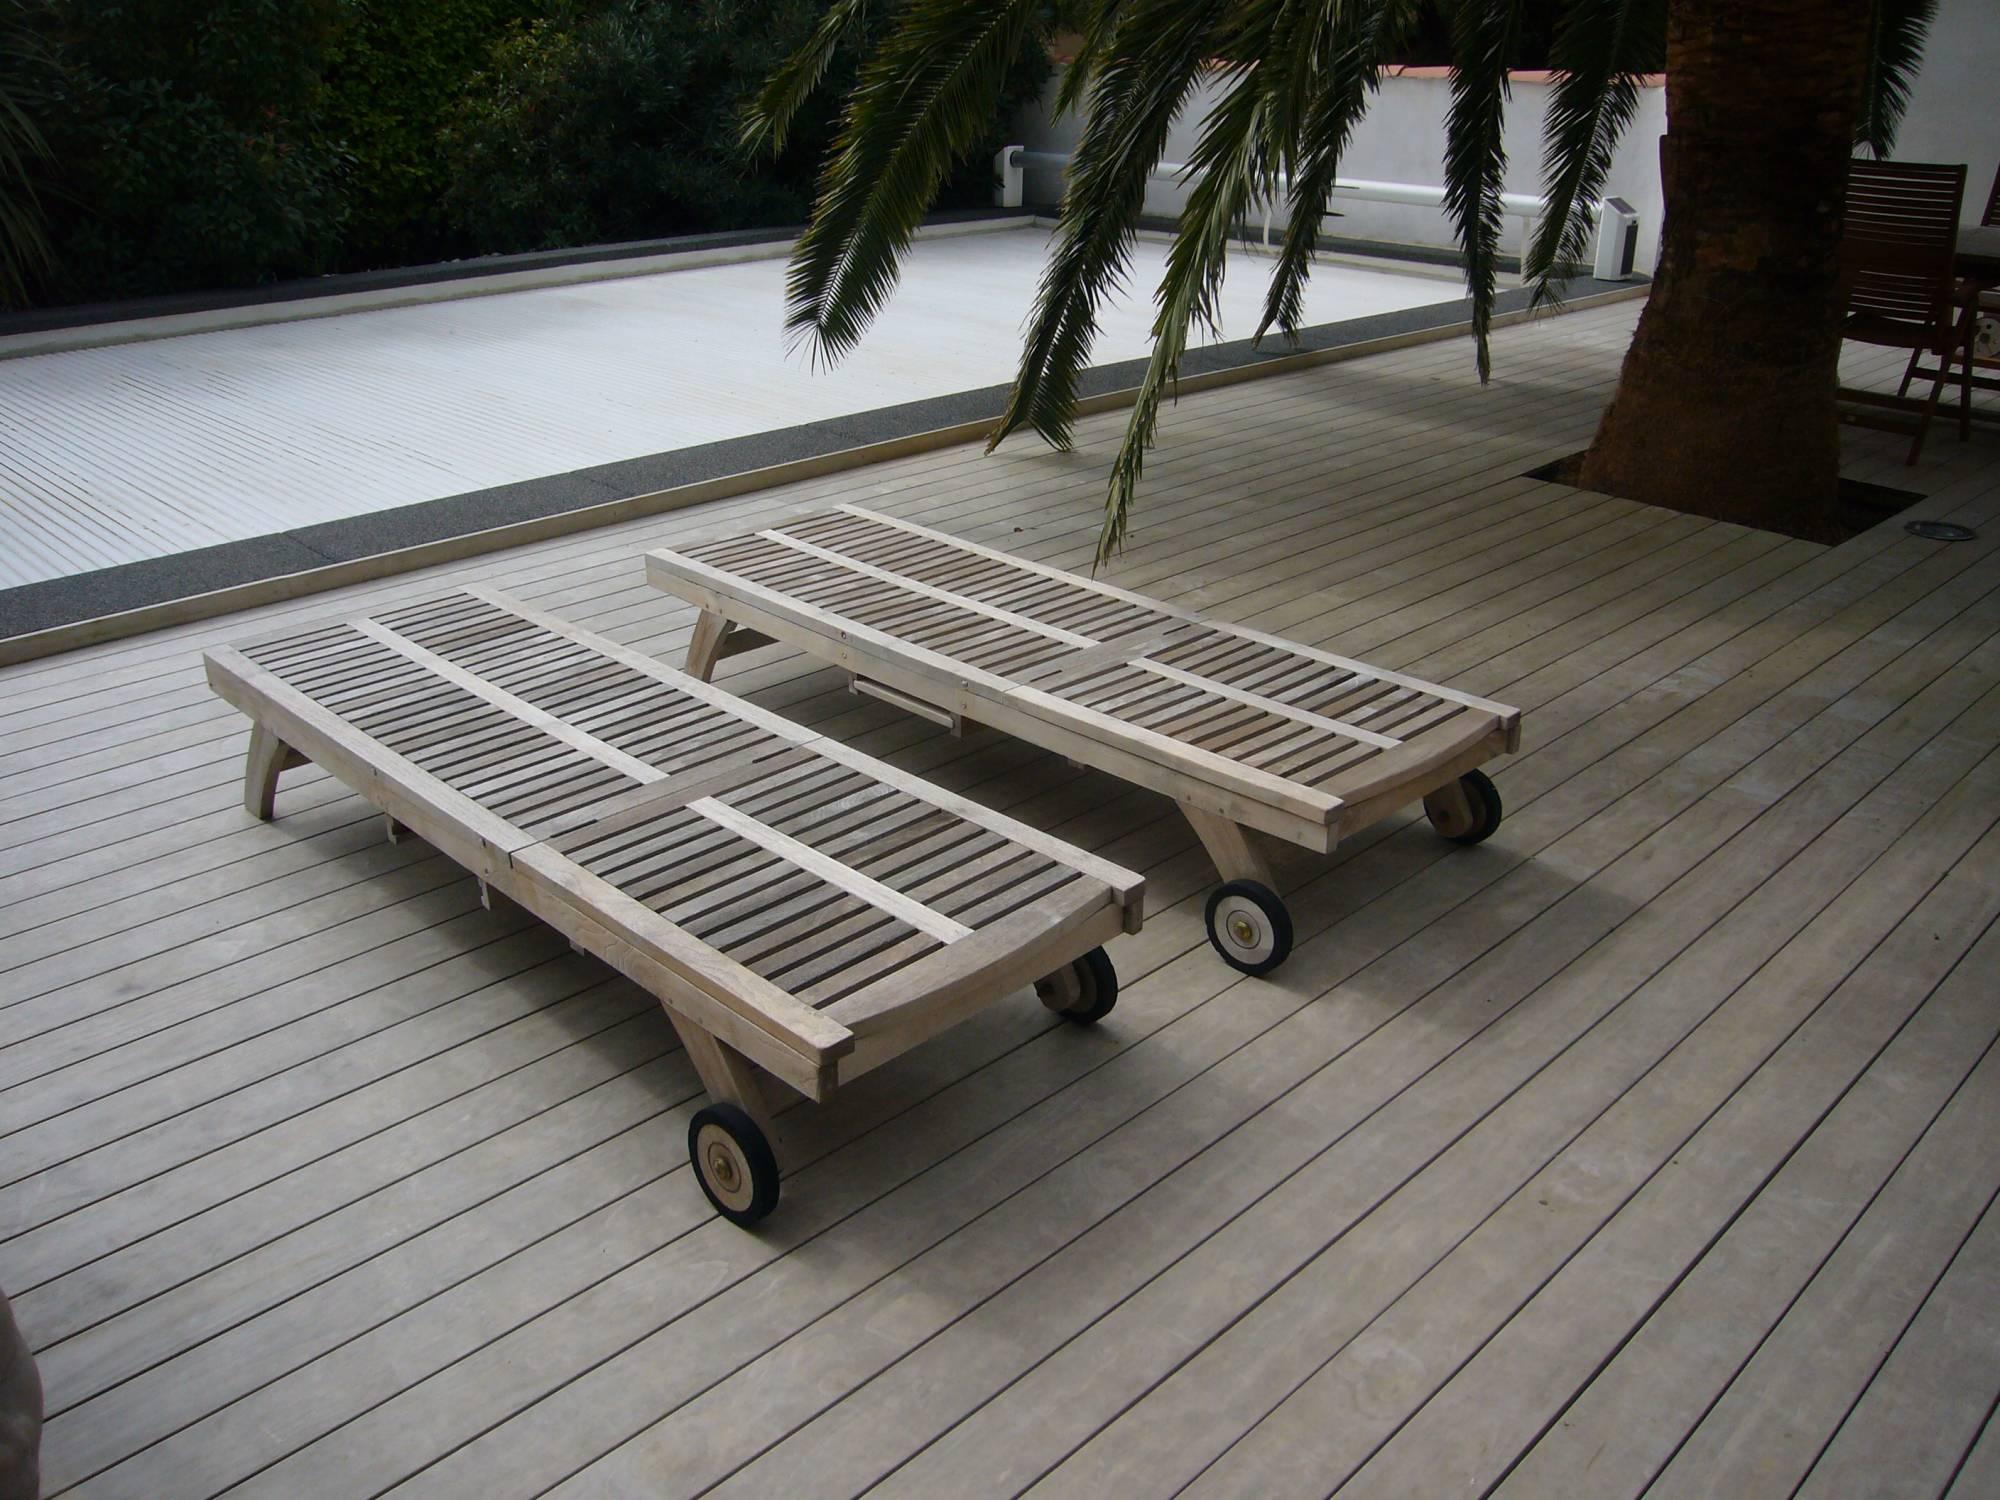 Vente Bois Pour Terrasse vente et pose de terrasse en bois à aix en provence